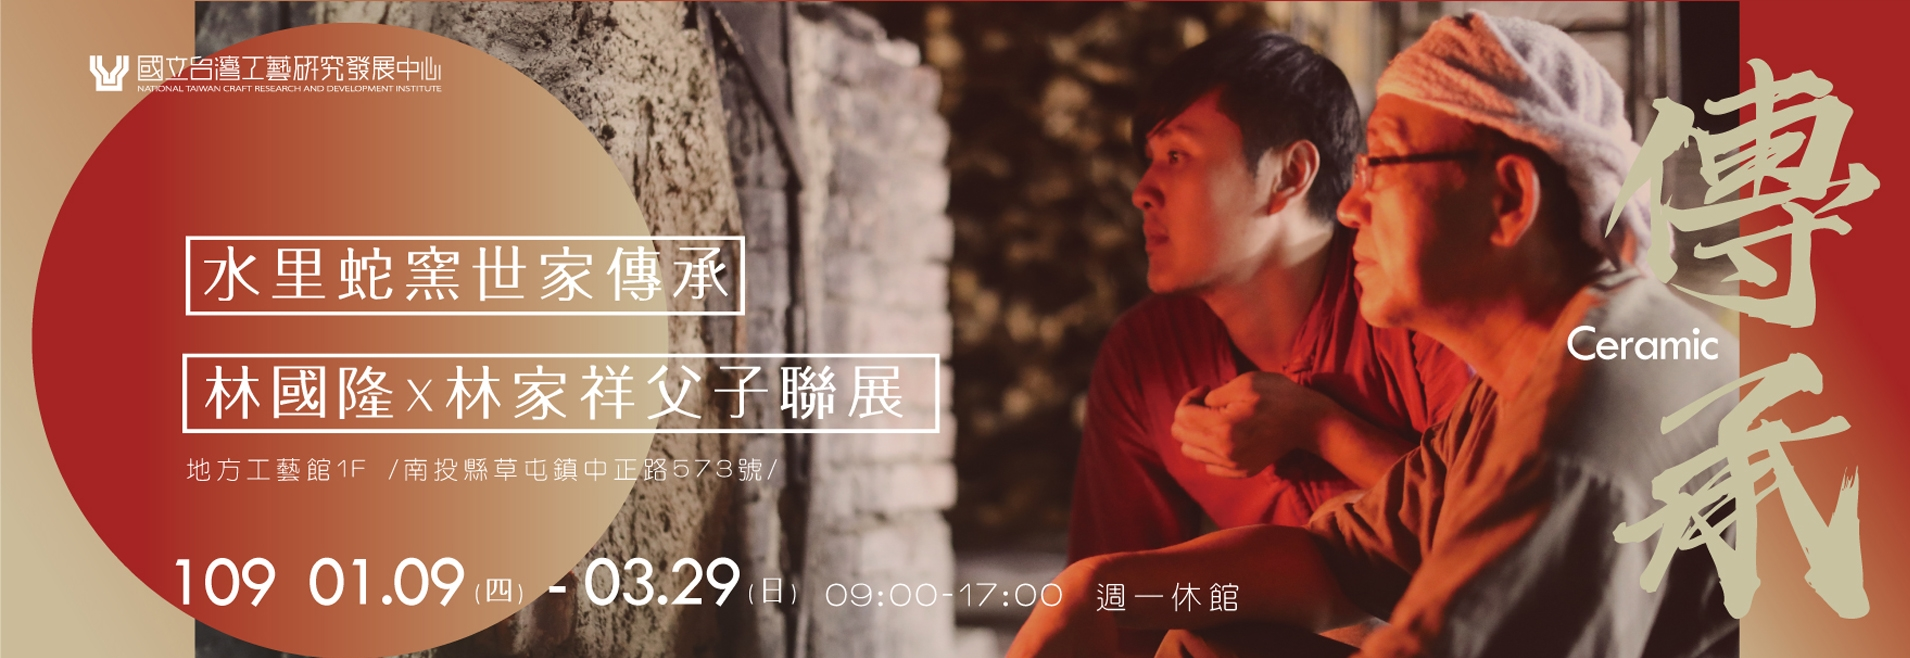 水里蛇窯世家傳承-林國隆×林家祥父子聯展「另開新視窗」